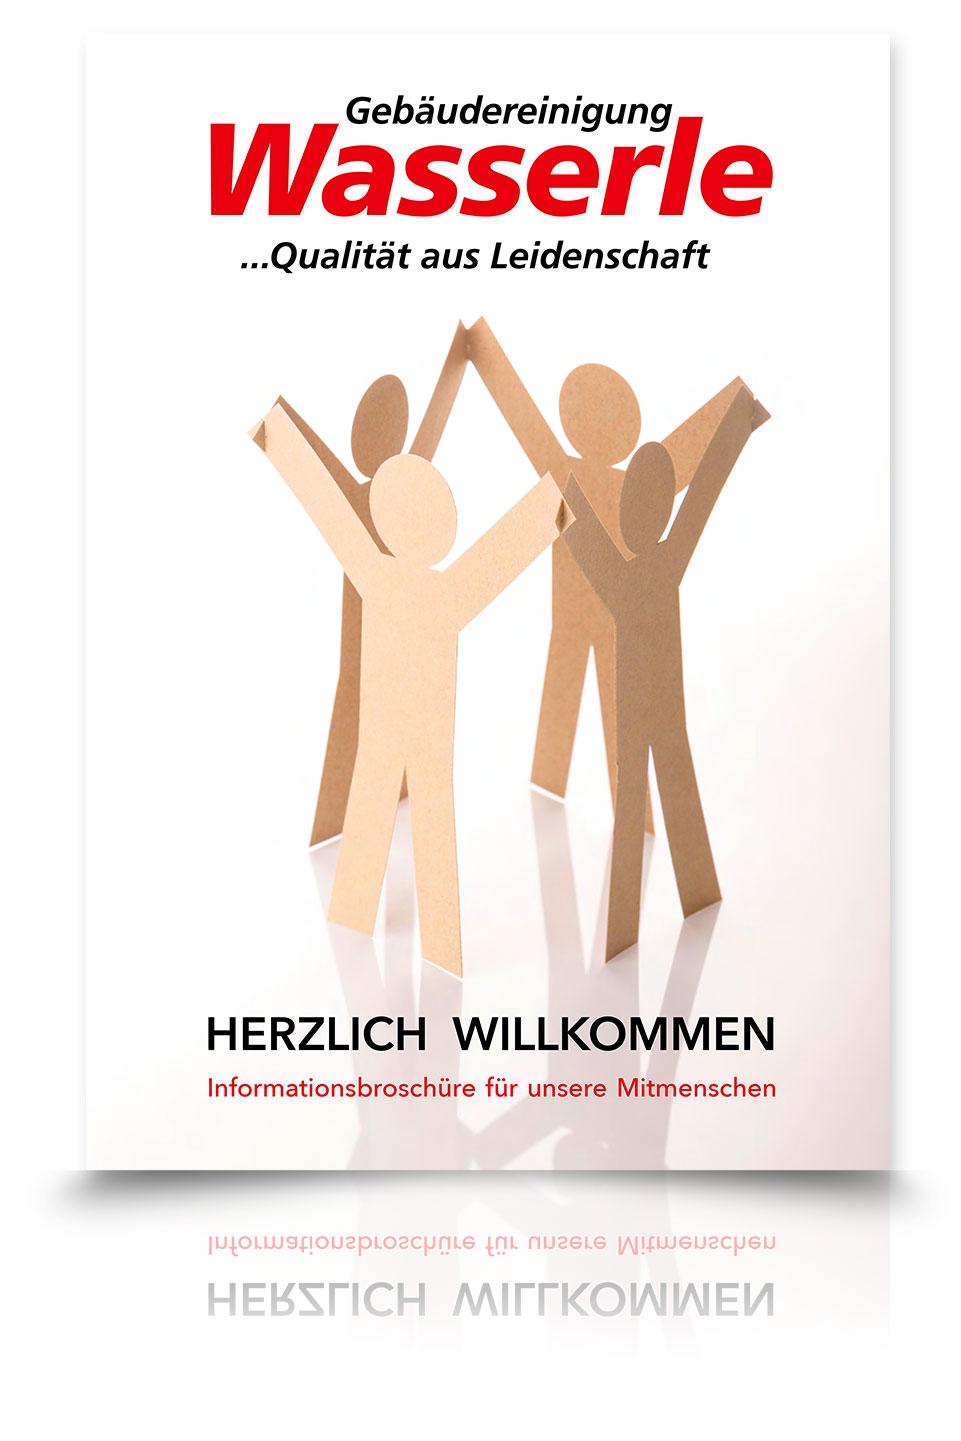 Gebäudereinigung Wasserle - Mitarbeiter-Broschüre